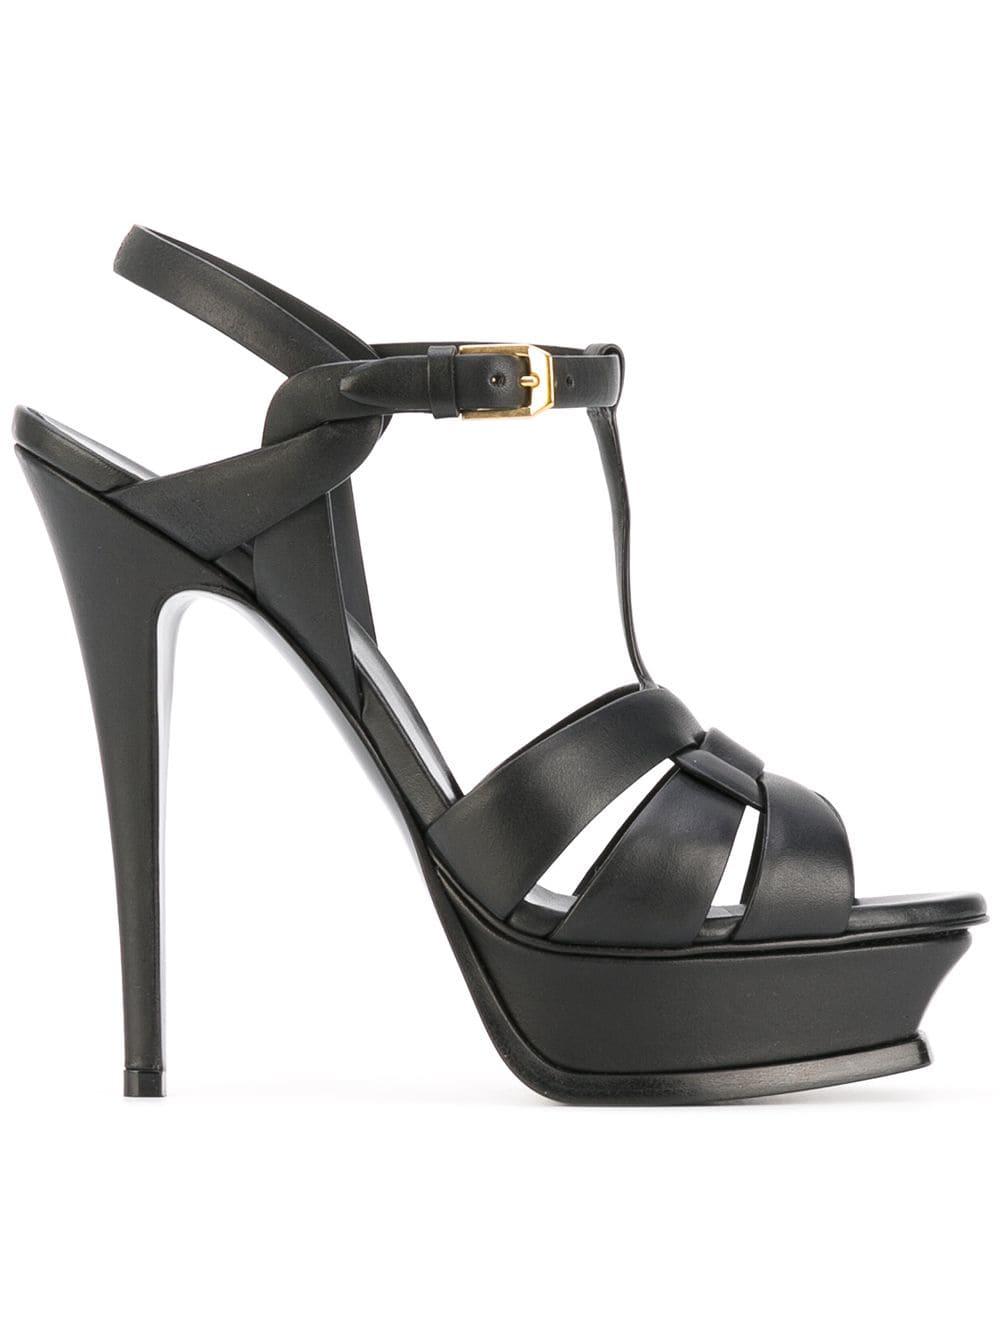 Picture of Saint Laurent | High Heel